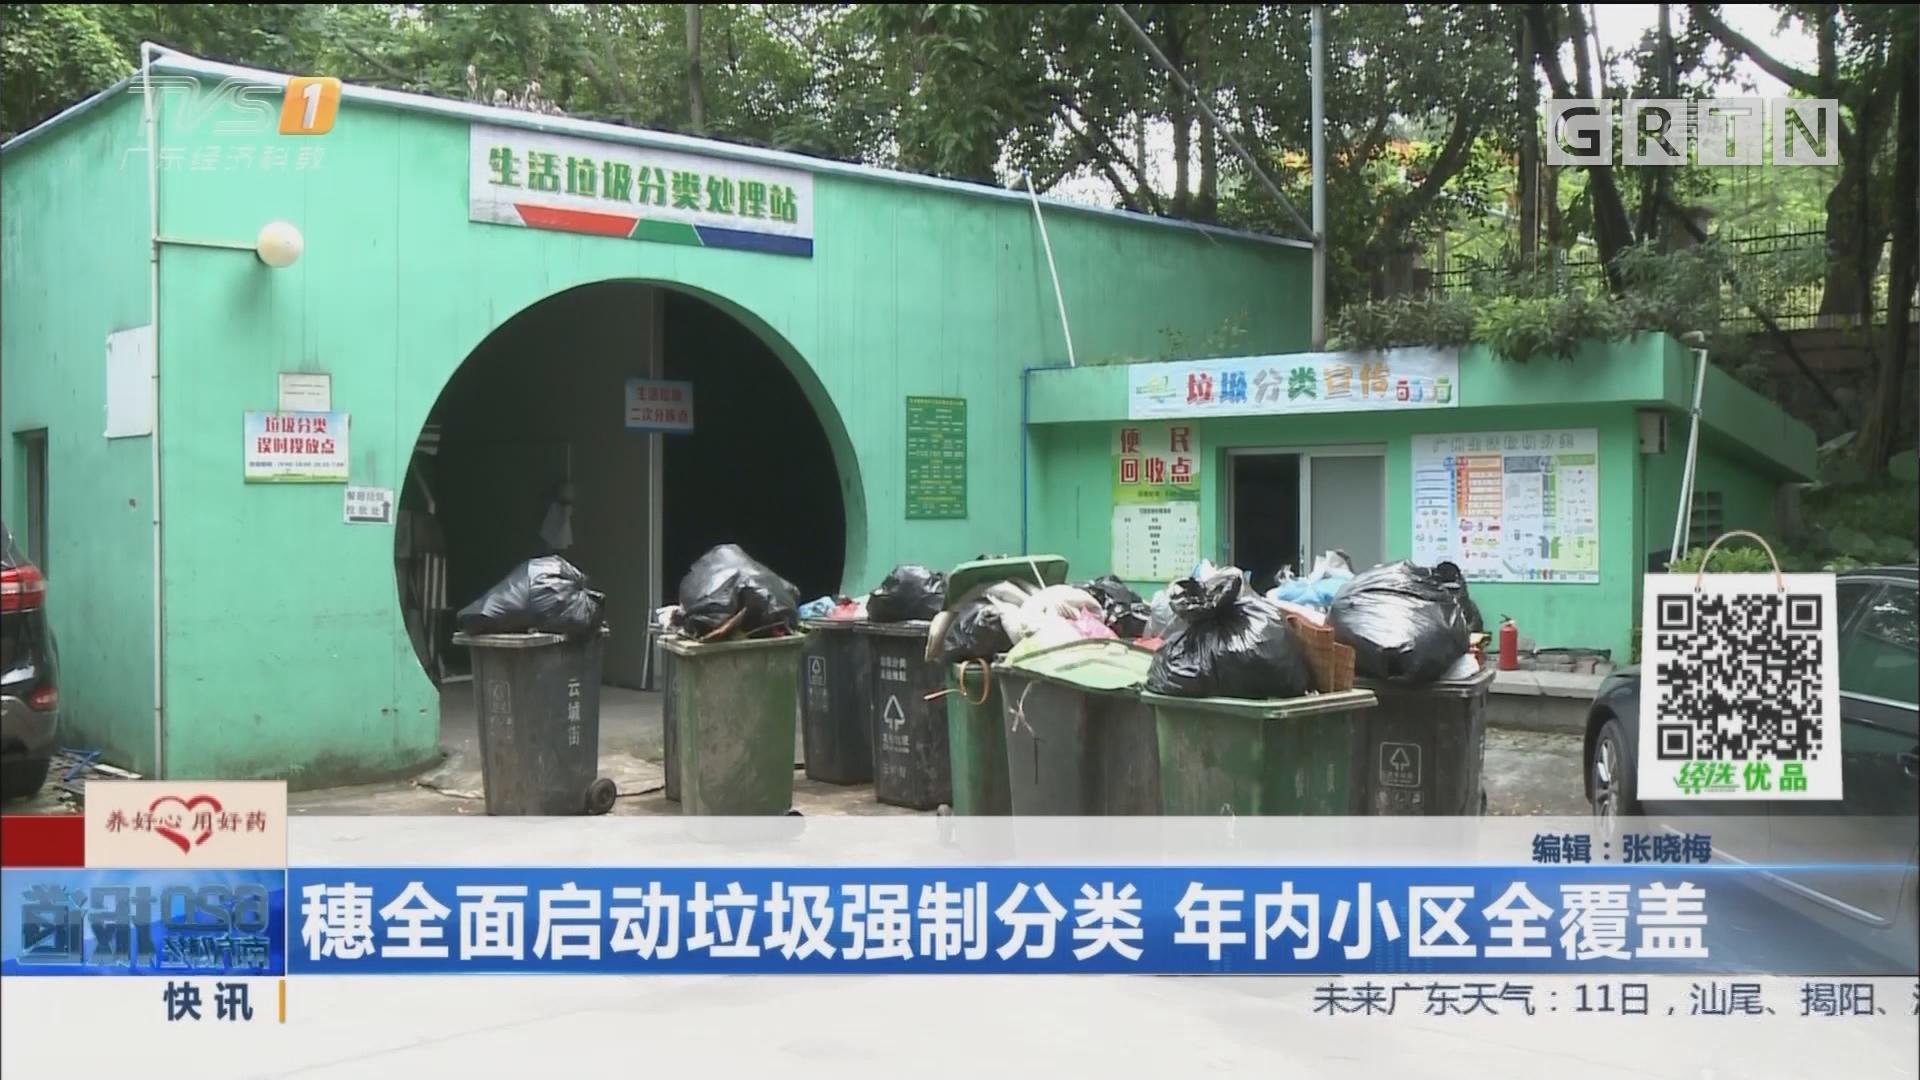 穗全面启动垃圾强制分类 年内小区全覆盖